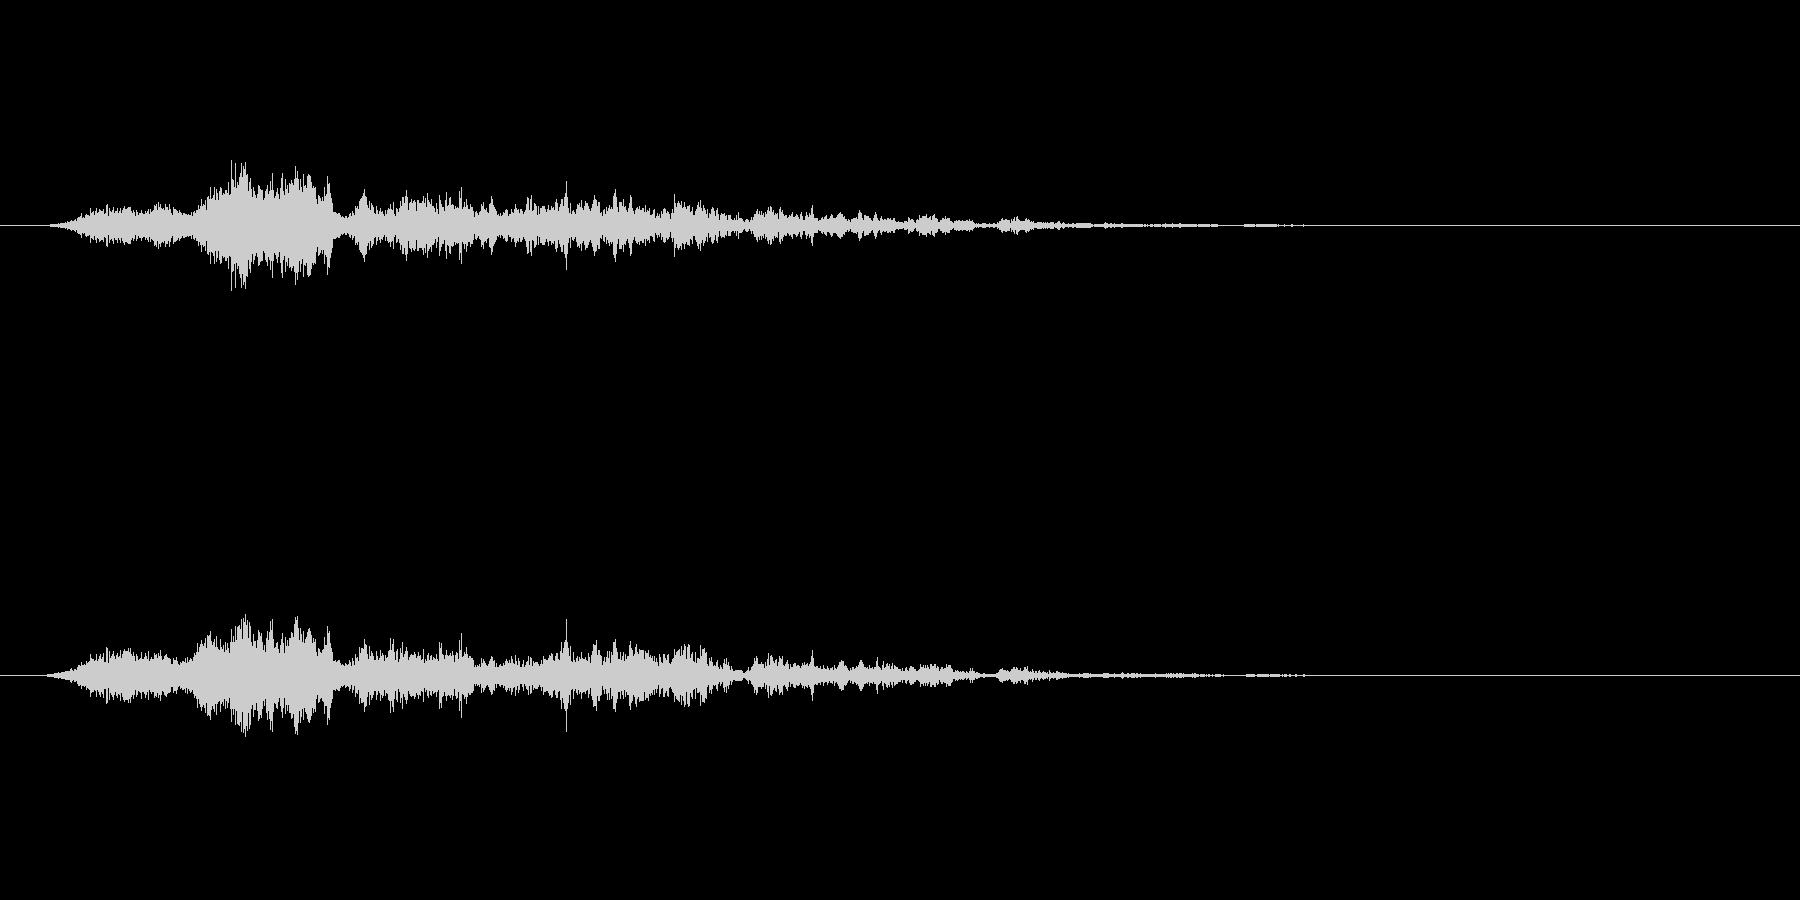 【SE 効果音】風(ホラー)3の未再生の波形